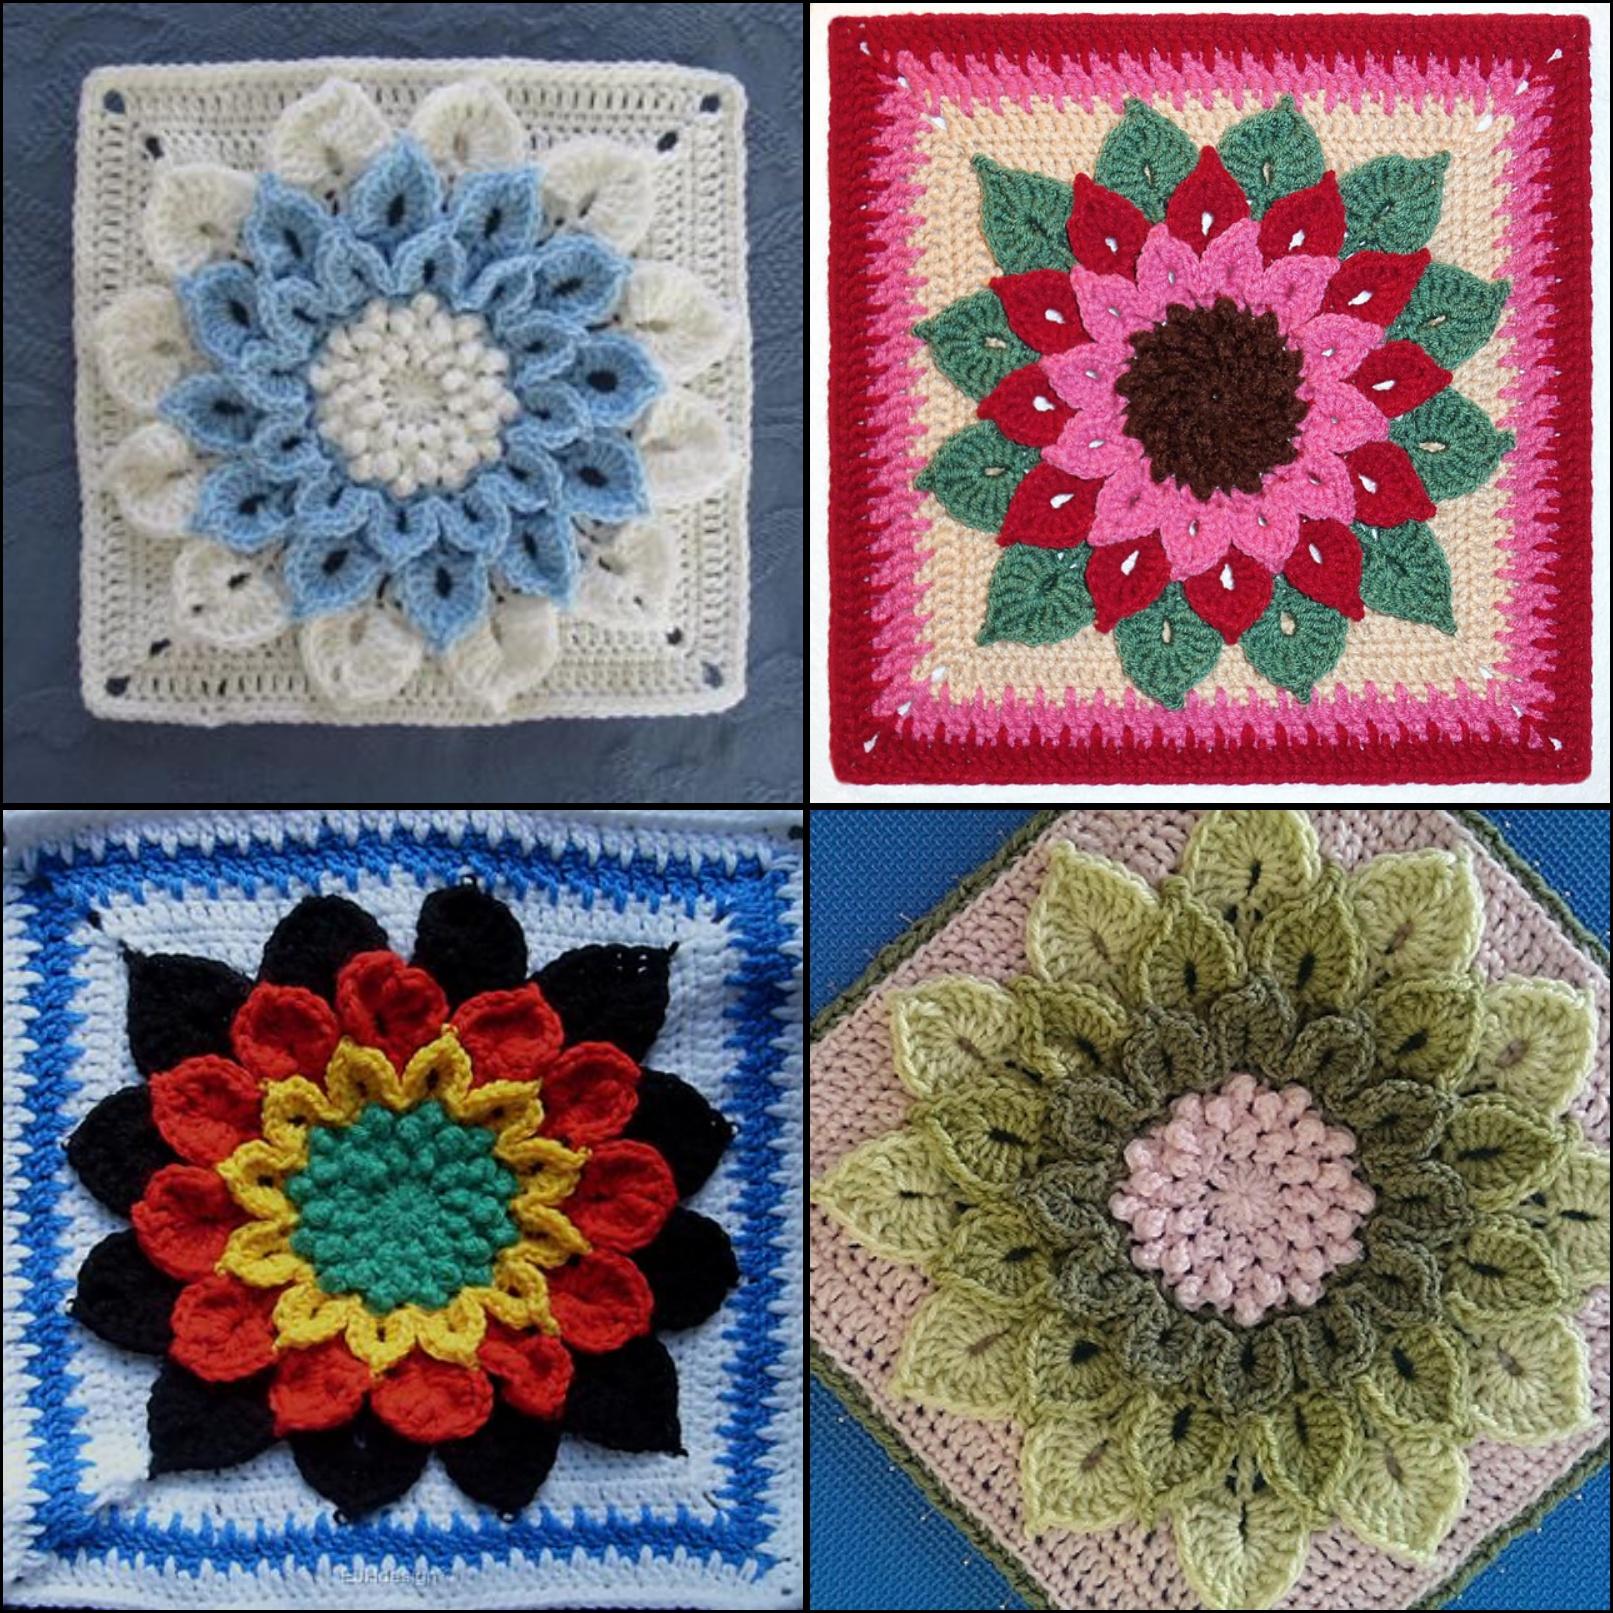 Crochet Patterns Block Afghan : Crocodile Stitch Afghan Block Crochet Pattern